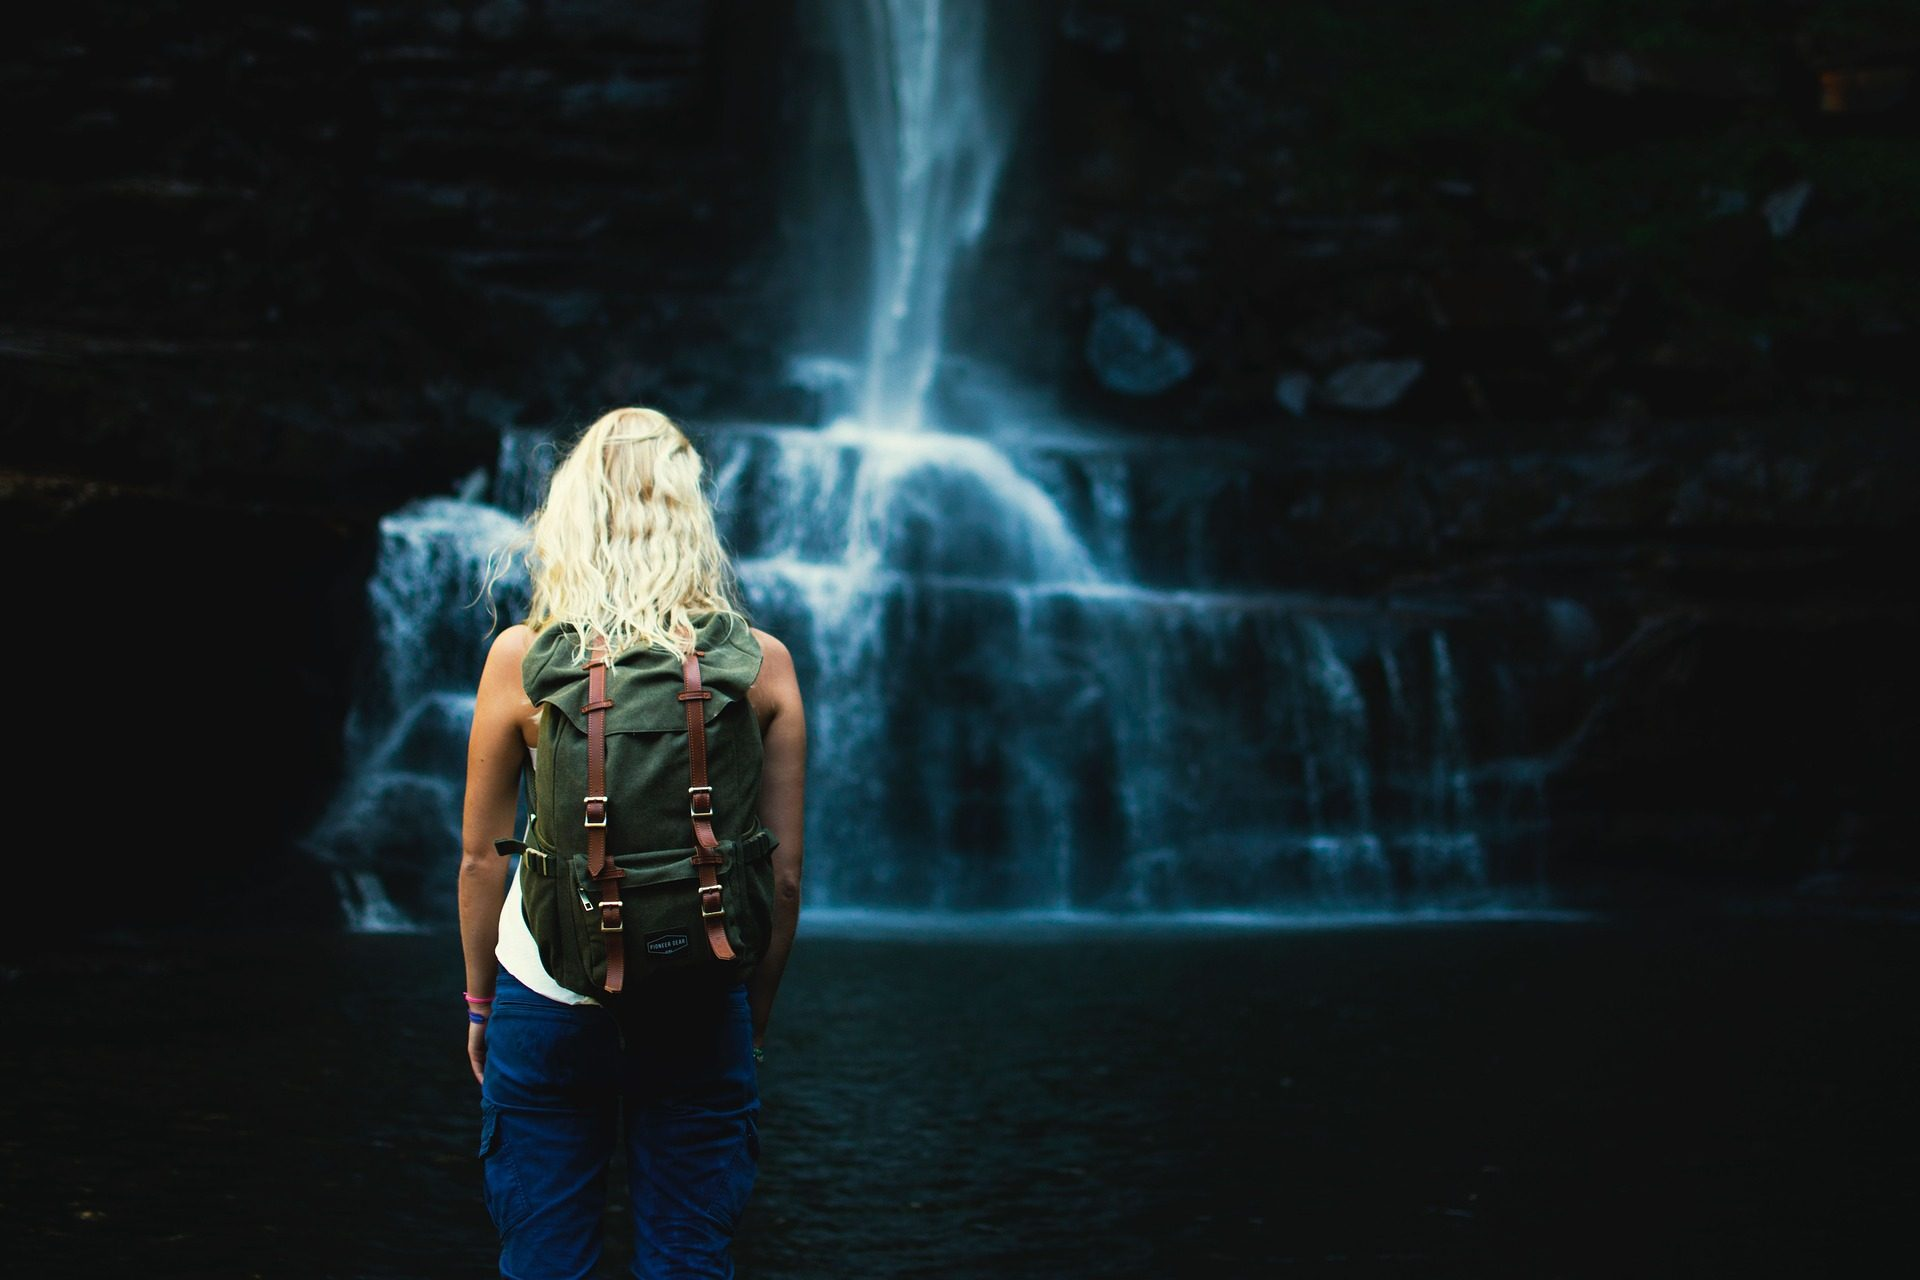 femme, Sac à dos, chute d'eau, cataracte, eau, Rivière - Fonds d'écran HD - Professor-falken.com